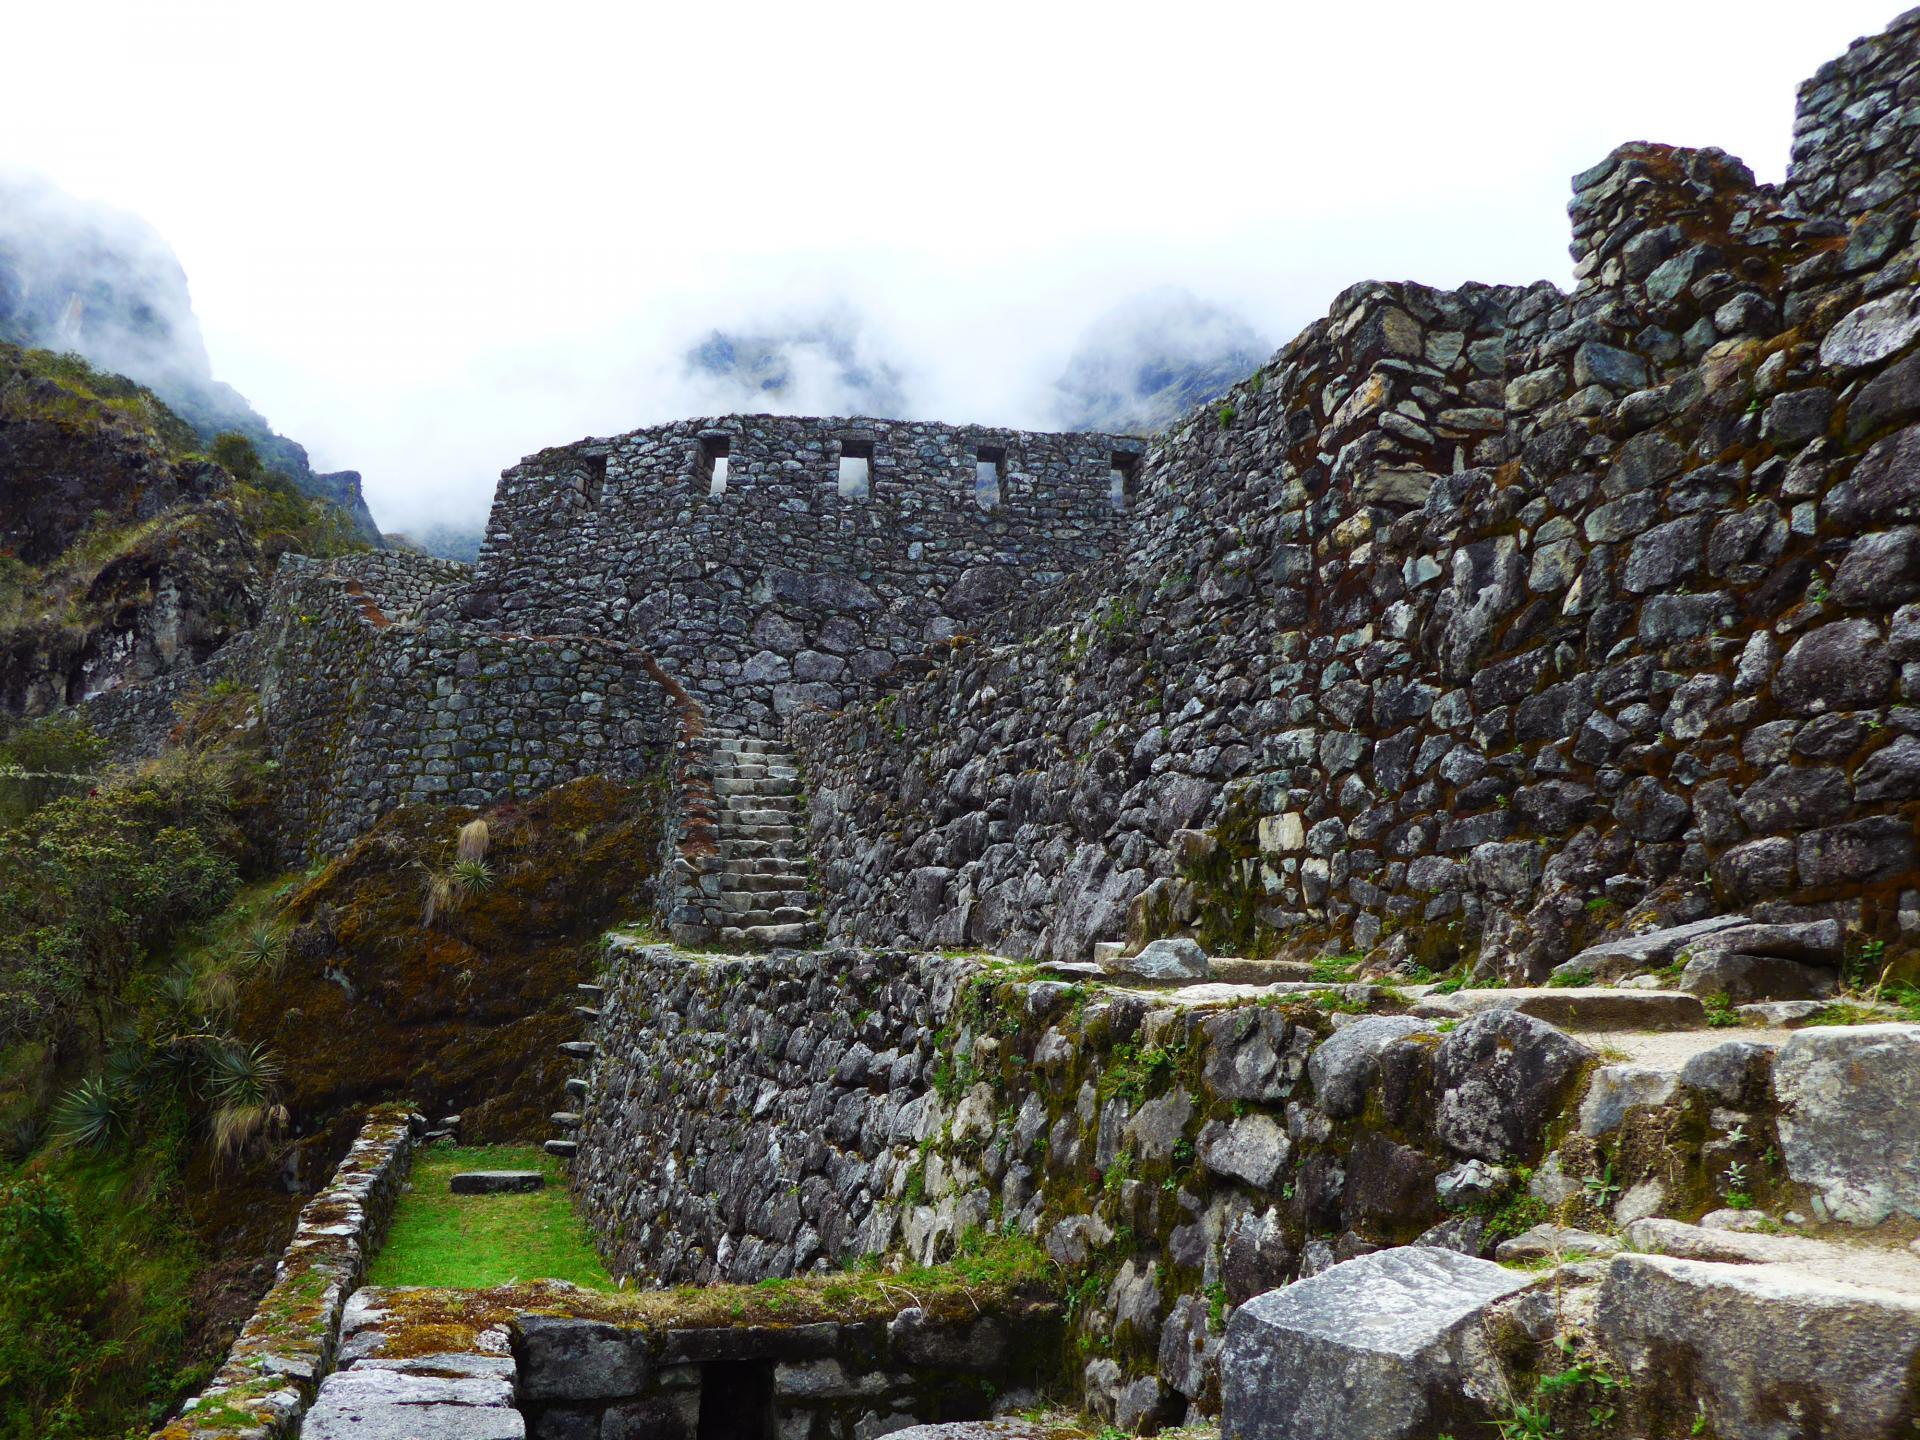 Entdecken Sie Machu Picchu in Peru und unternehmen Sie eine Wanderung durch die Anden